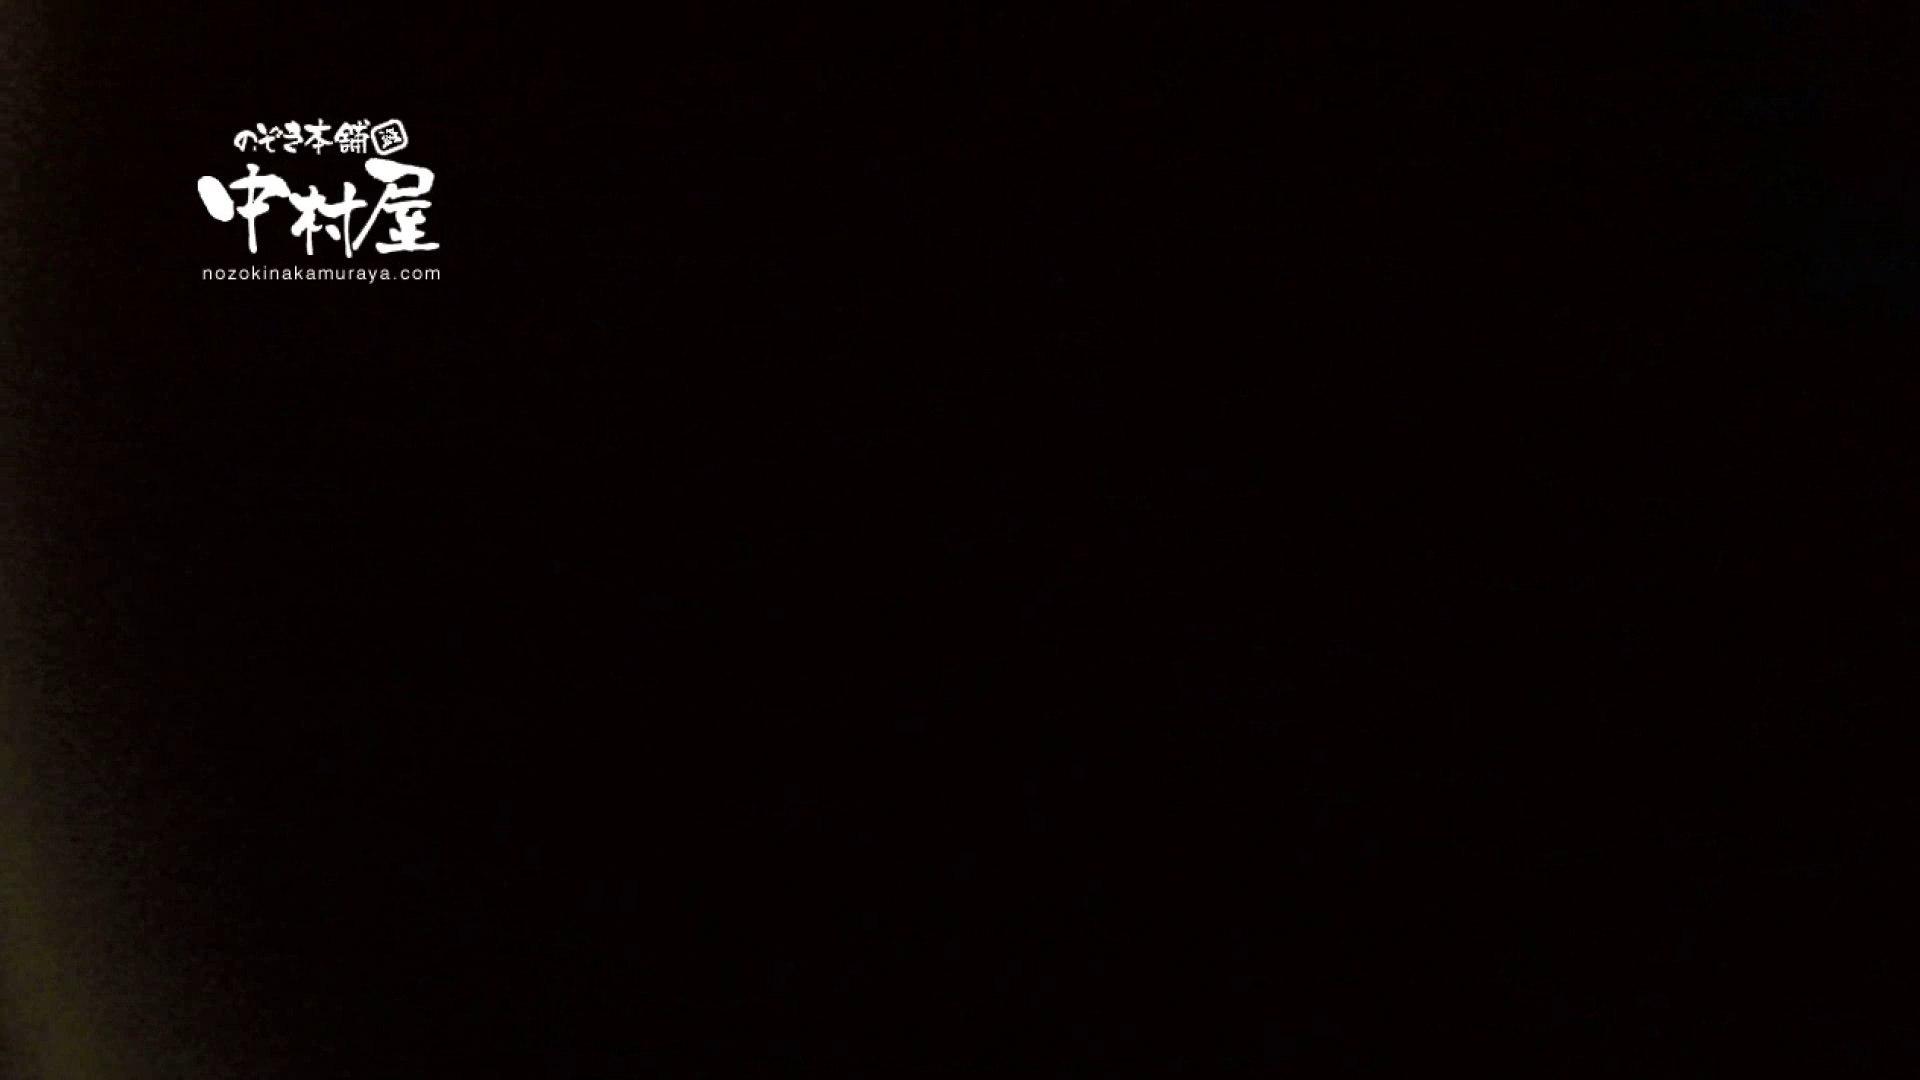 鬼畜 vol.08 極悪!妊娠覚悟の中出し! 前編 中出し | 鬼畜  87PIX 1